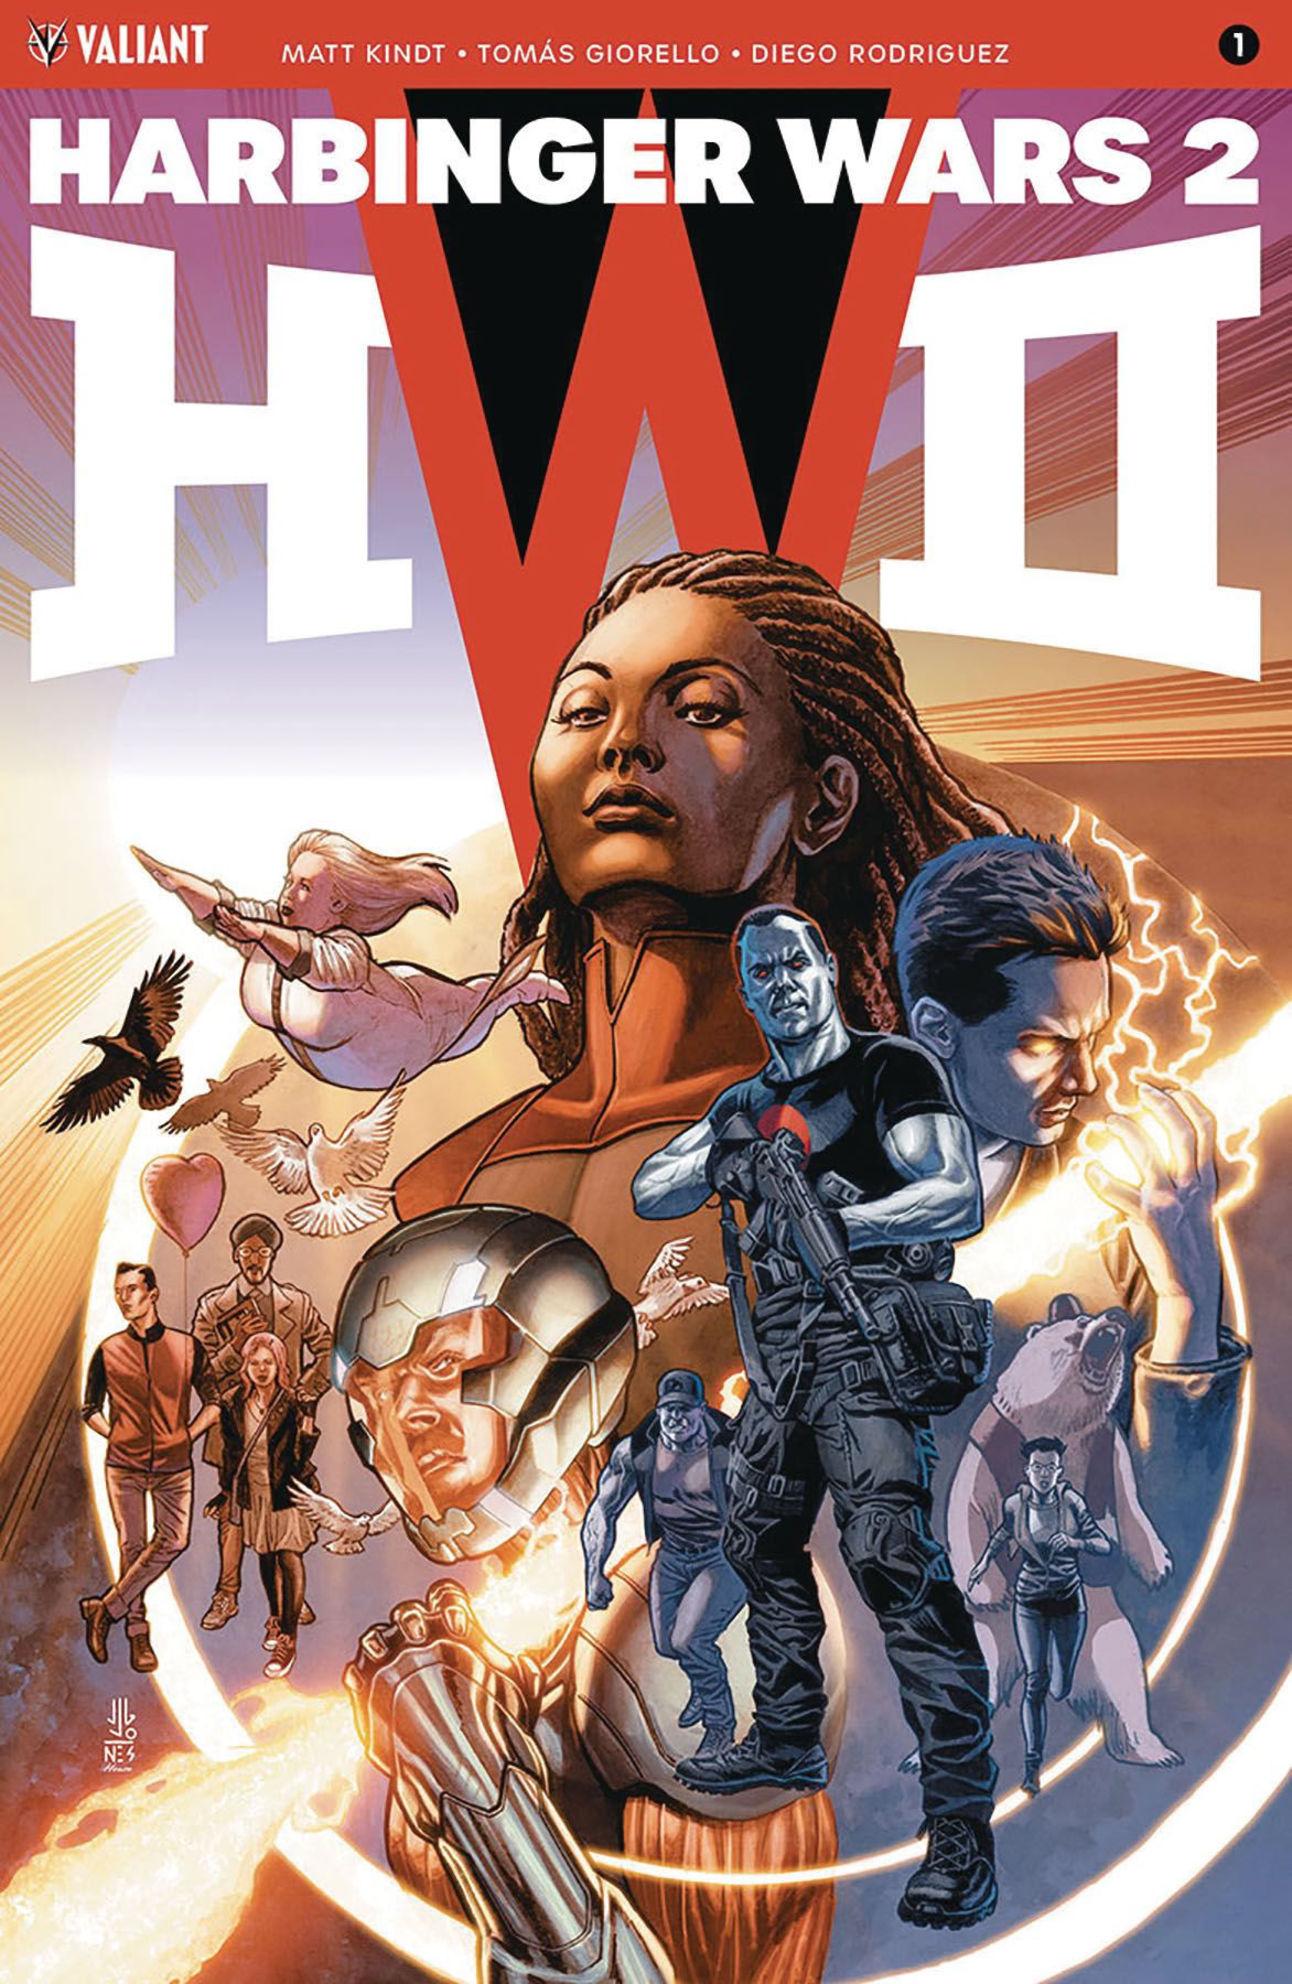 Harbinger Wars 2 1 cover JG Jones